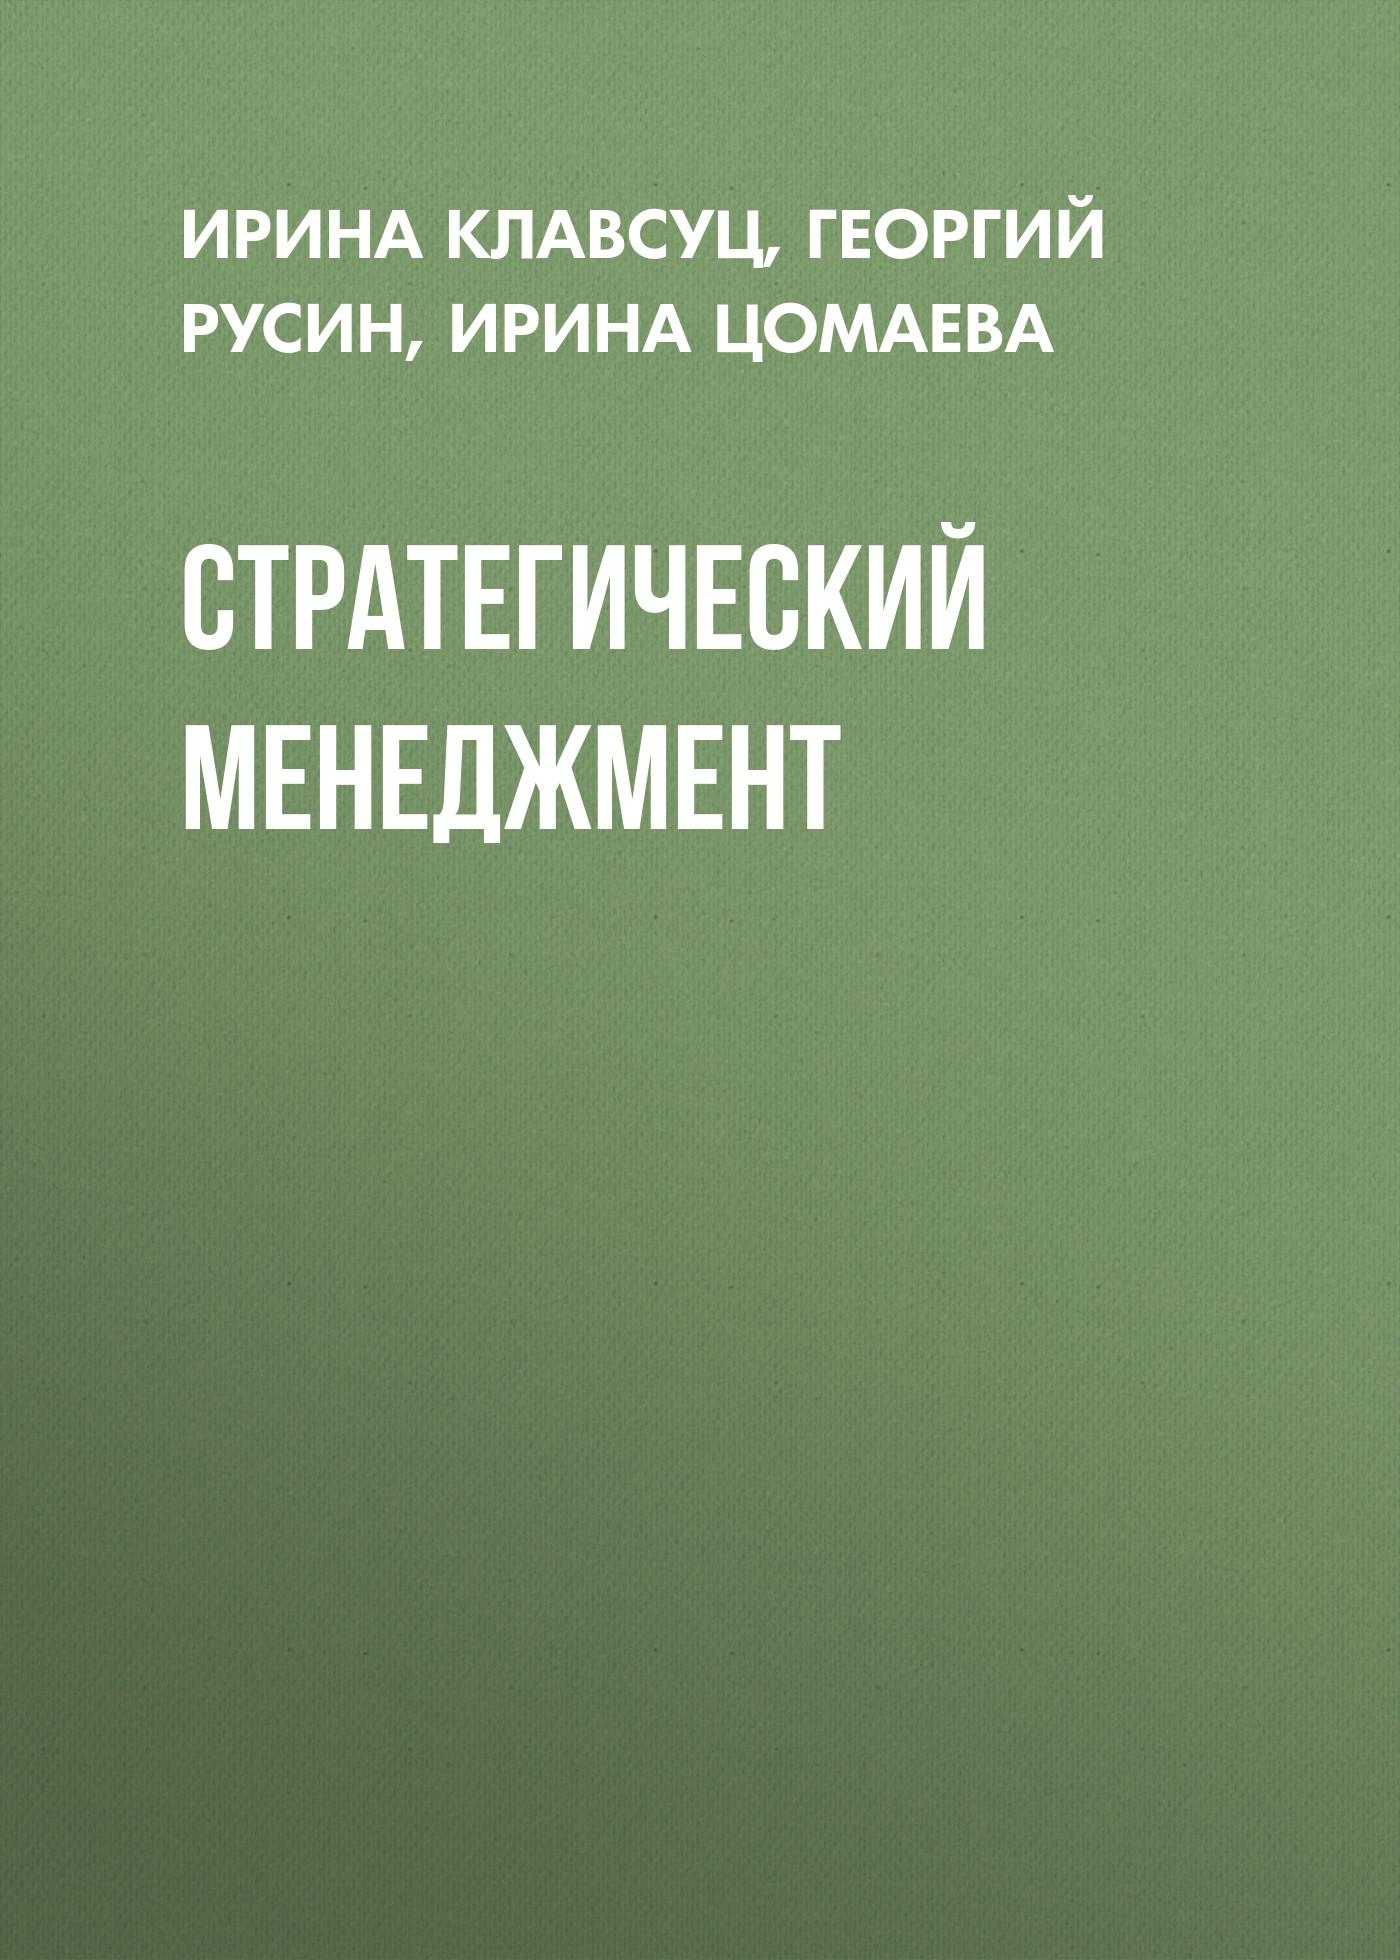 Ирина Цомаева Стратегический менеджмент марк розин 0 успех без стратегии технологии гибкого менеджмента